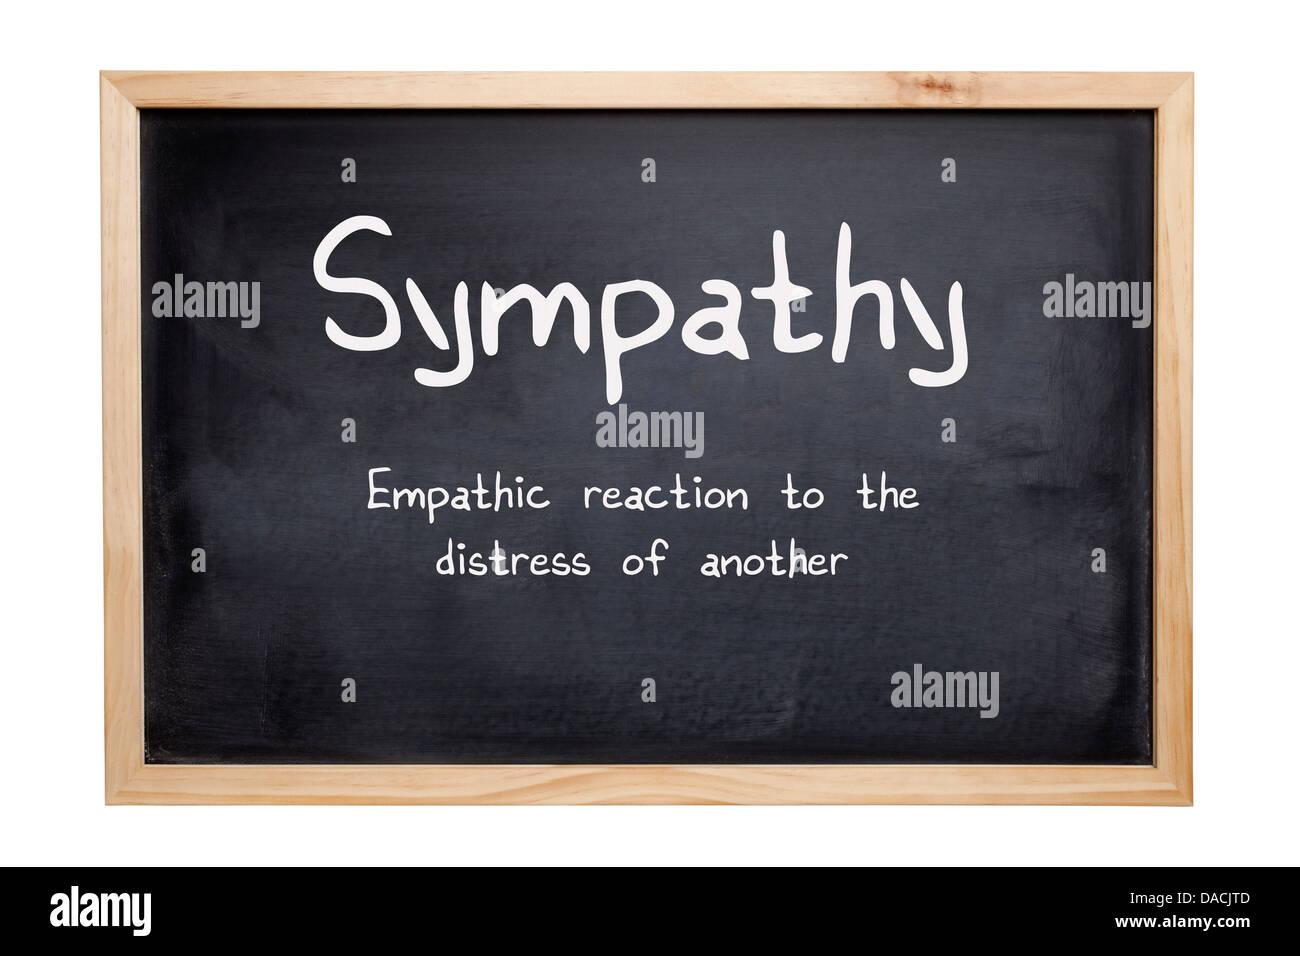 Concetto di simpatia - una lavagna a fogli mobili con le parole di simpatia, un simpatico reazione alla sofferenza Immagini Stock